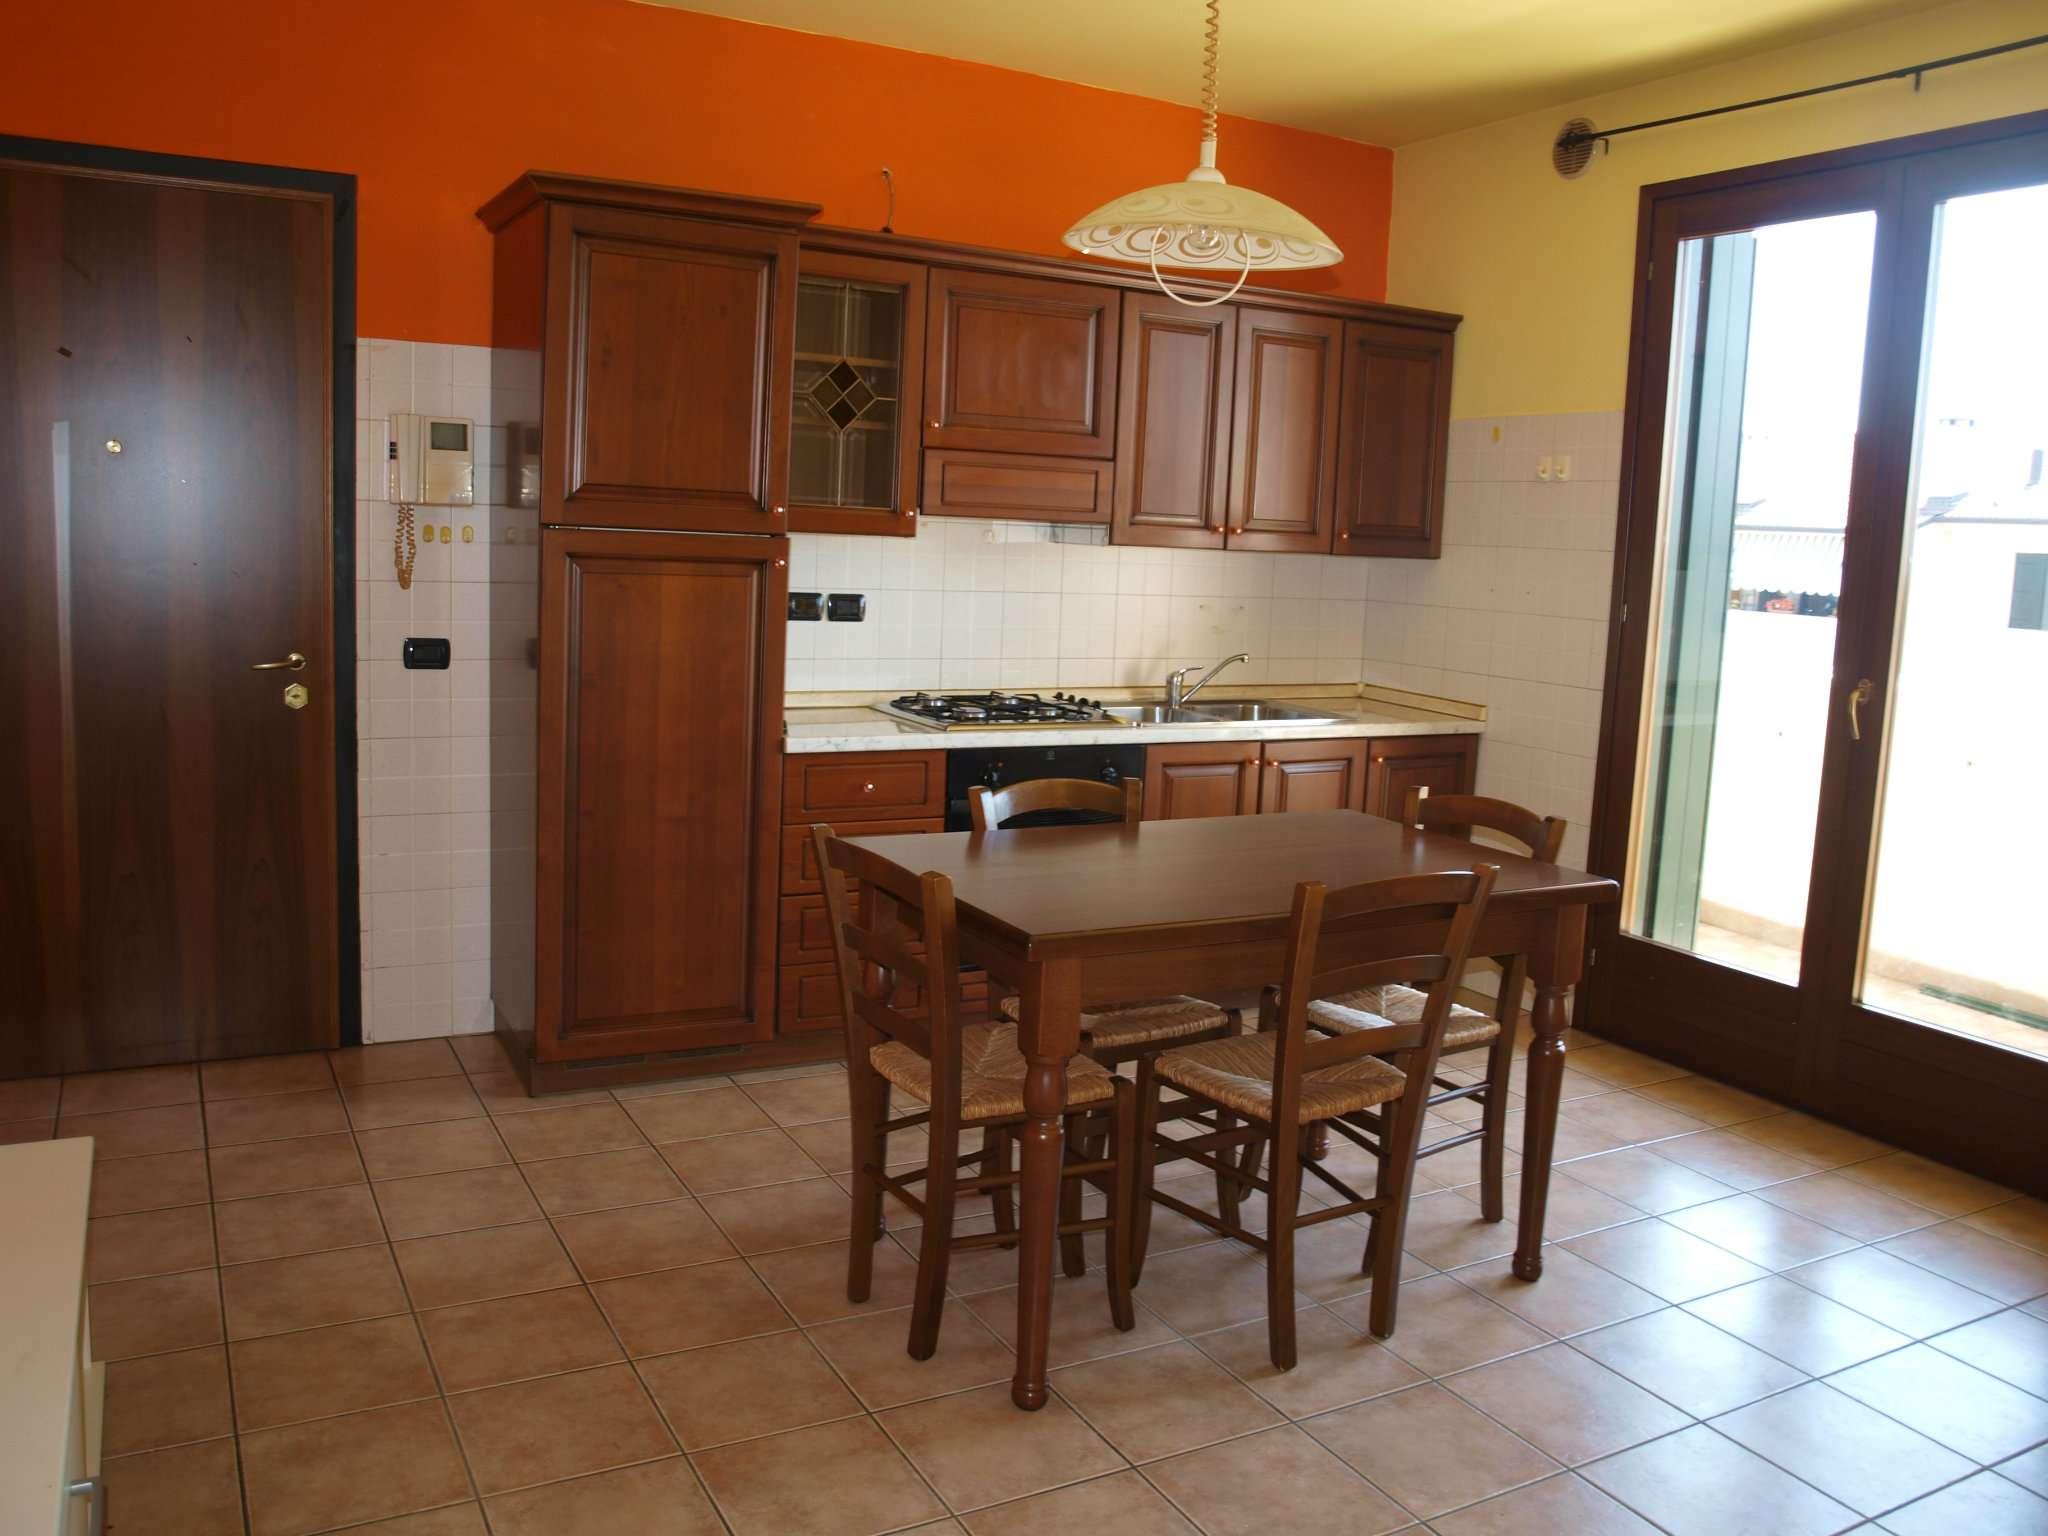 Appartamento in vendita a Fontanelle, 2 locali, prezzo € 67.000 | CambioCasa.it